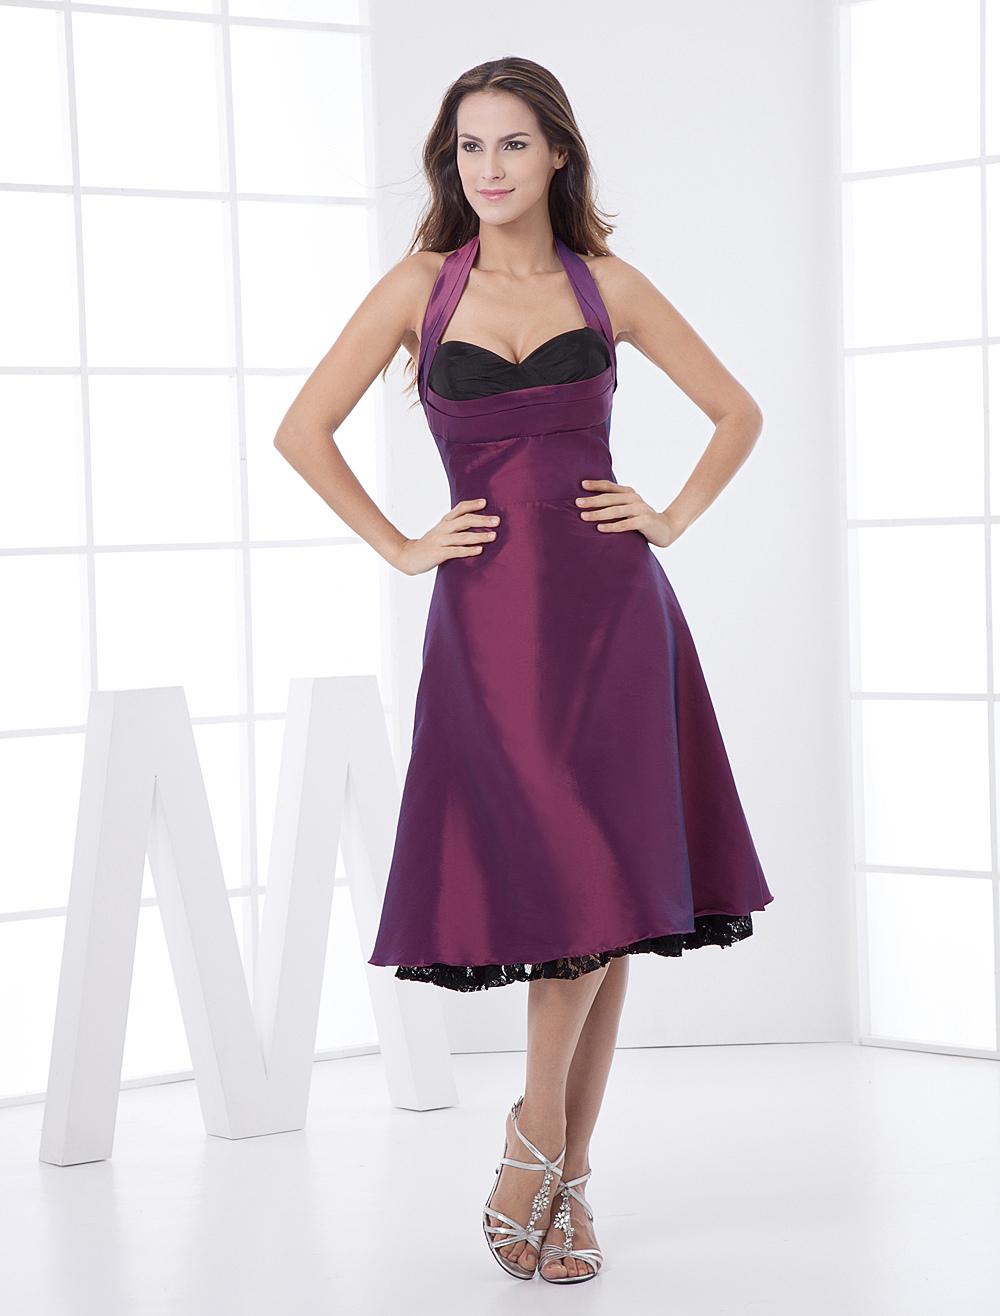 b7d42edec442e Grape Purple Halter Taffeta Net Prom Dress - Milanoo.com